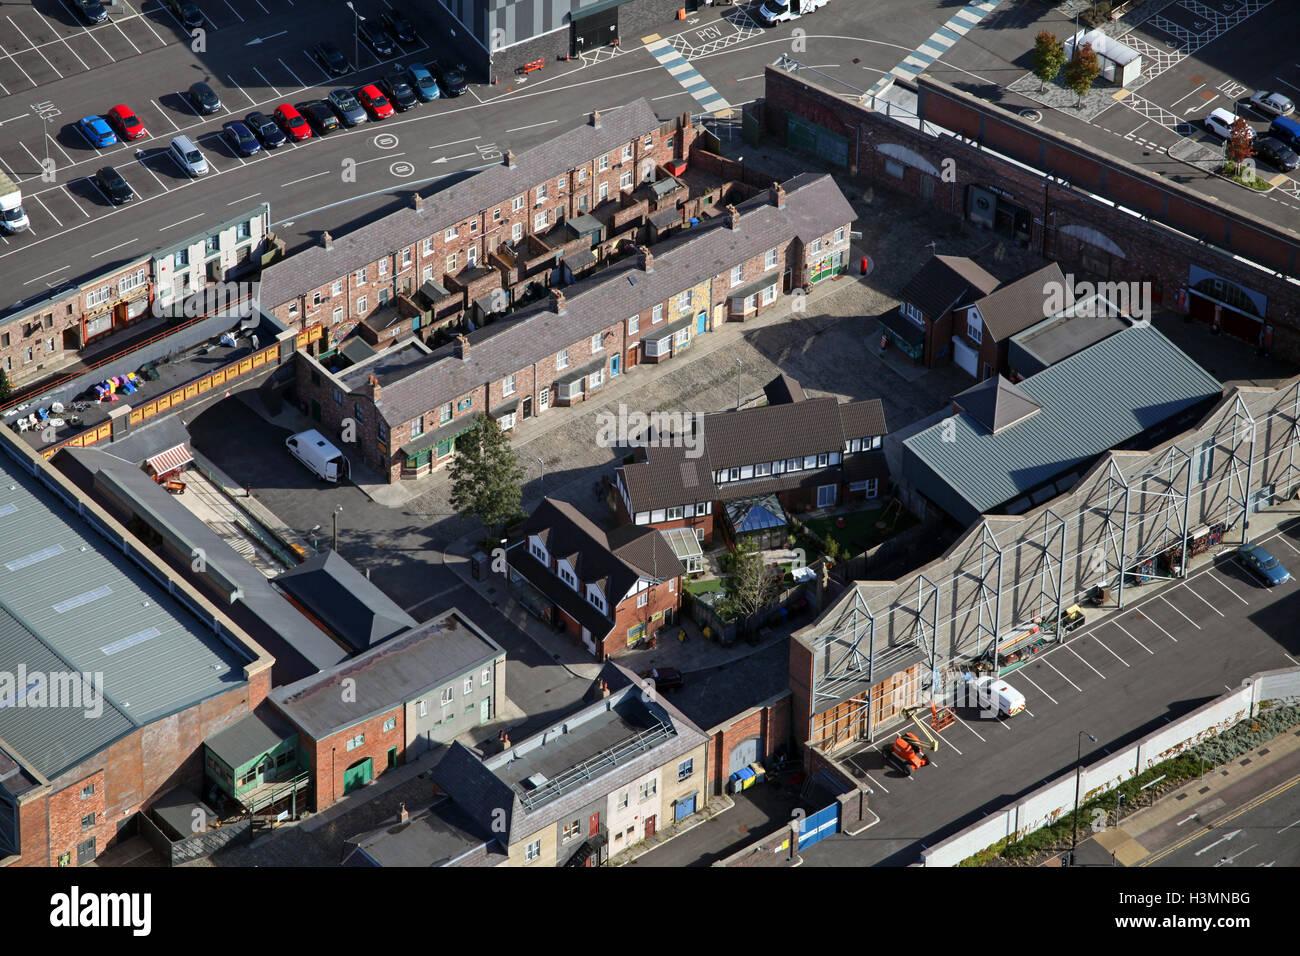 Luftaufnahme des Standortes Coronation Street TV eingestellt in Manchester, UK Stockbild